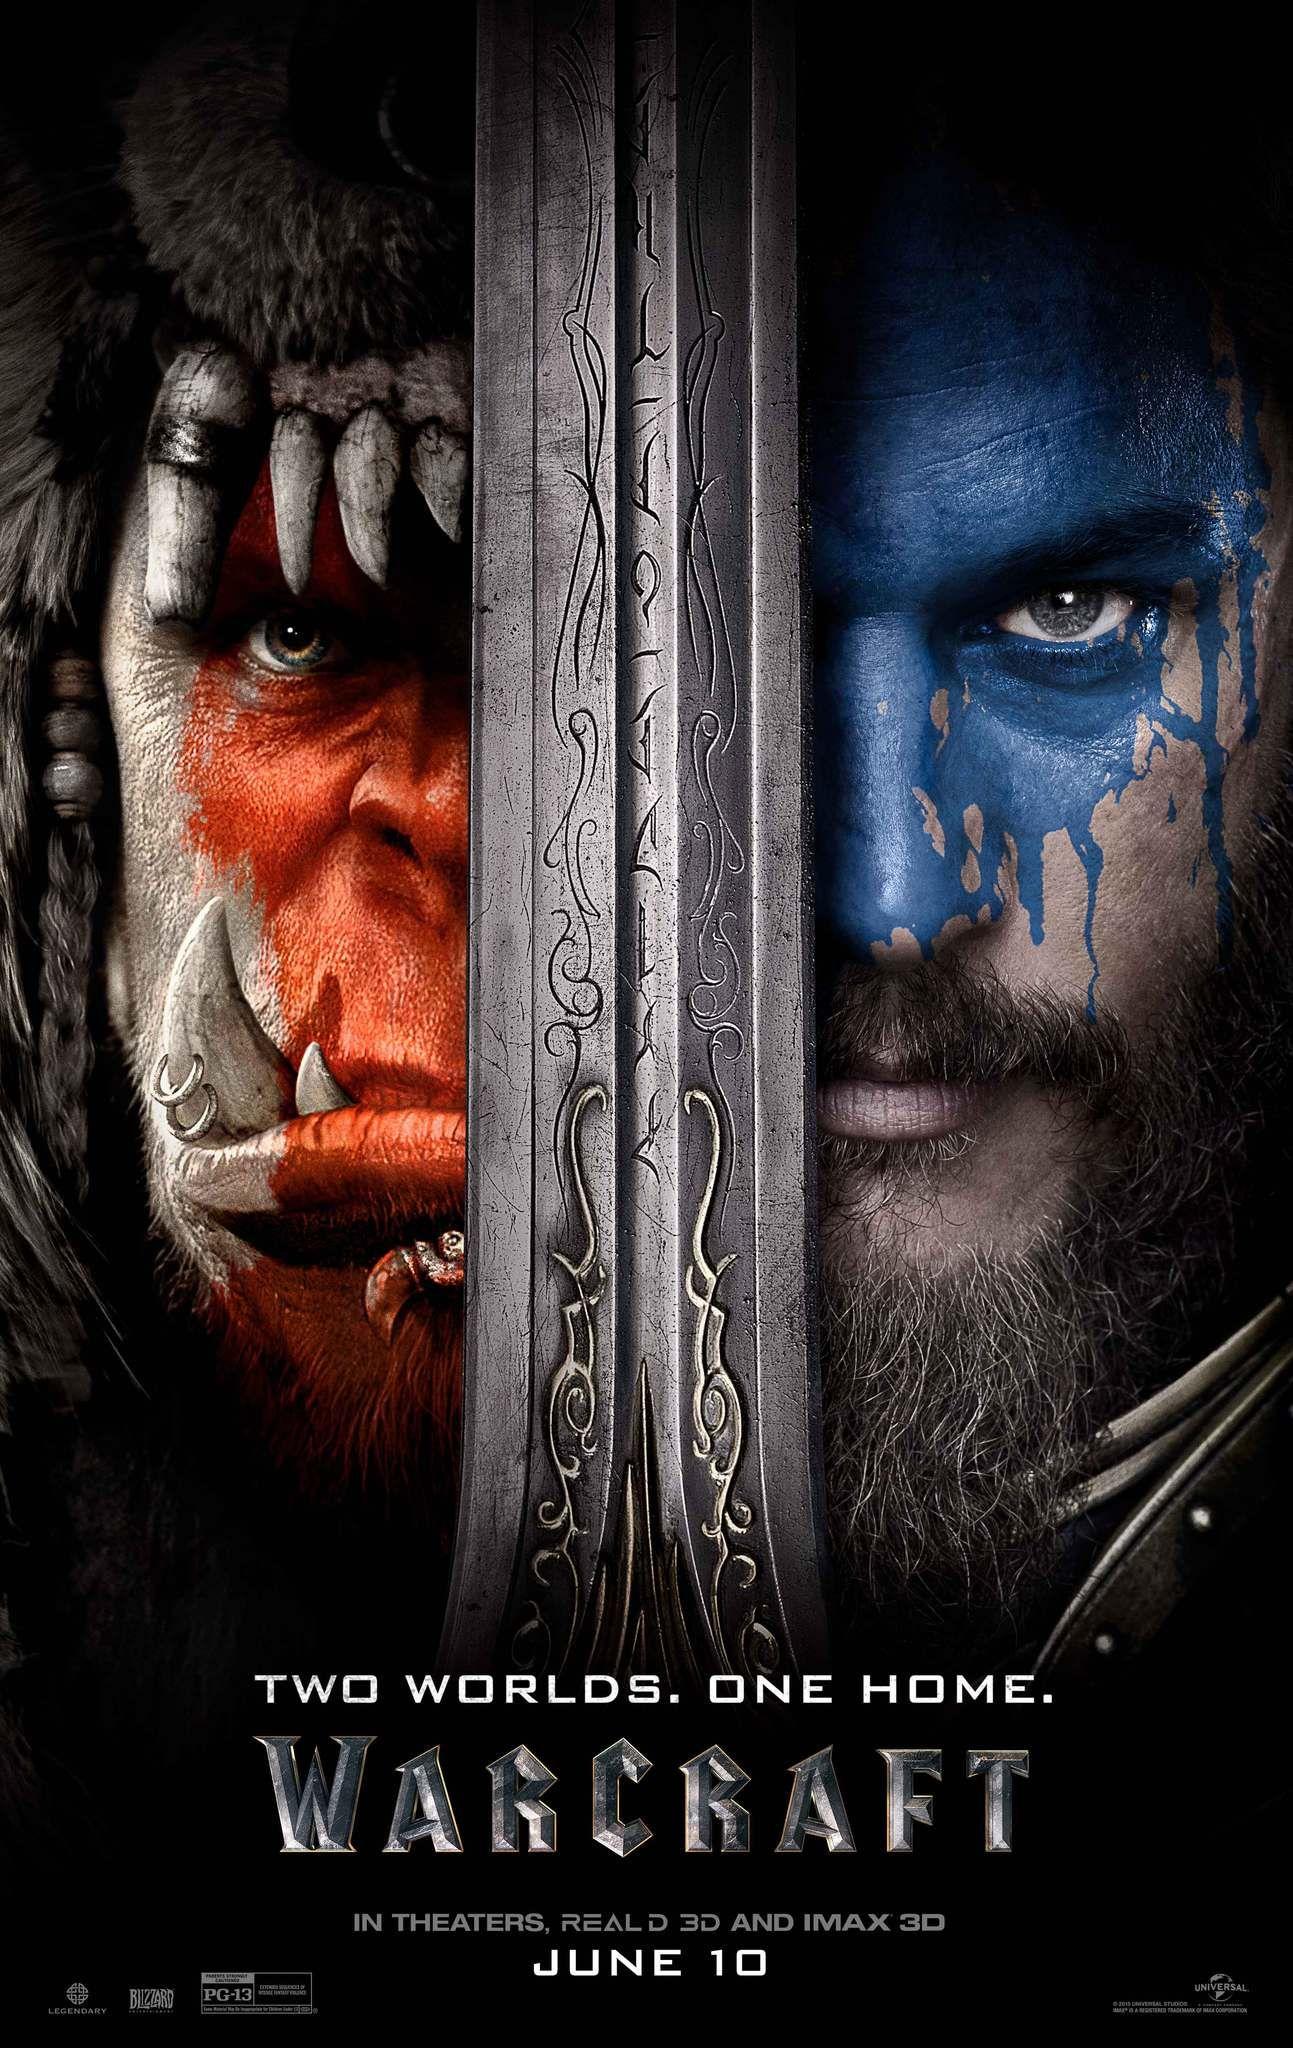 Pin Von Seriesepisodeonline Auf مسلسل الزوجة العشرون World Of Warcraft Film Warcraft Film Filme